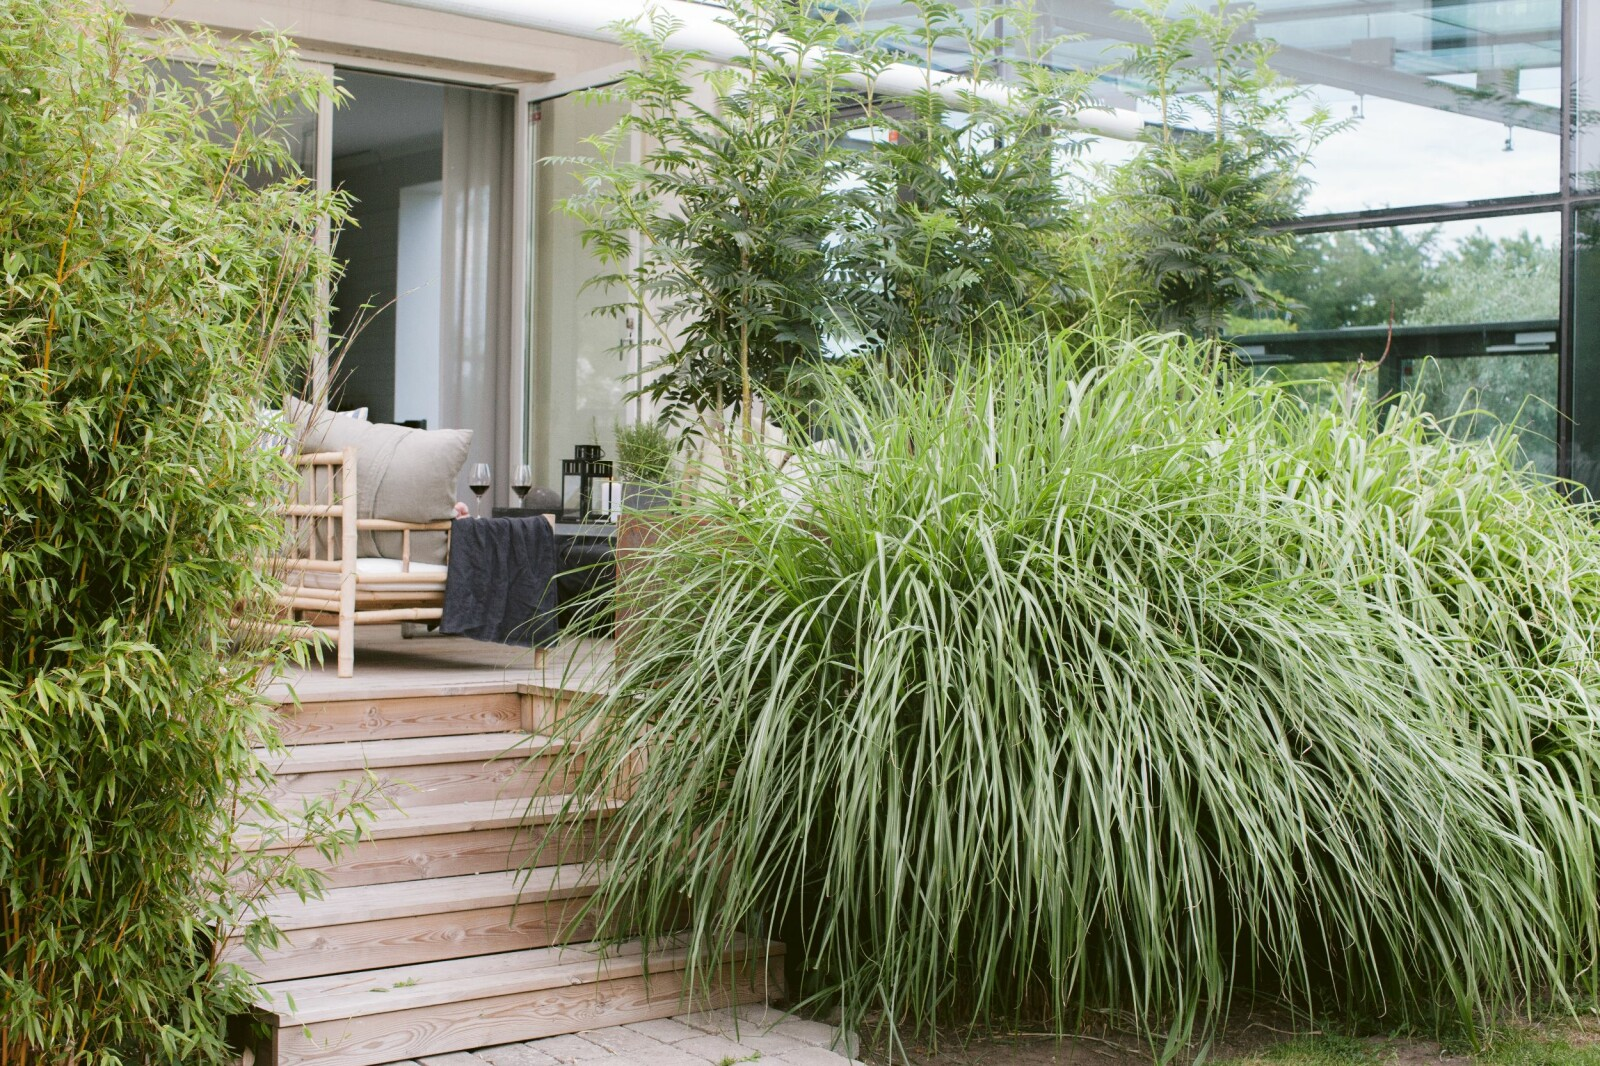 Trädgården i Lomma uteplats gräs trappa